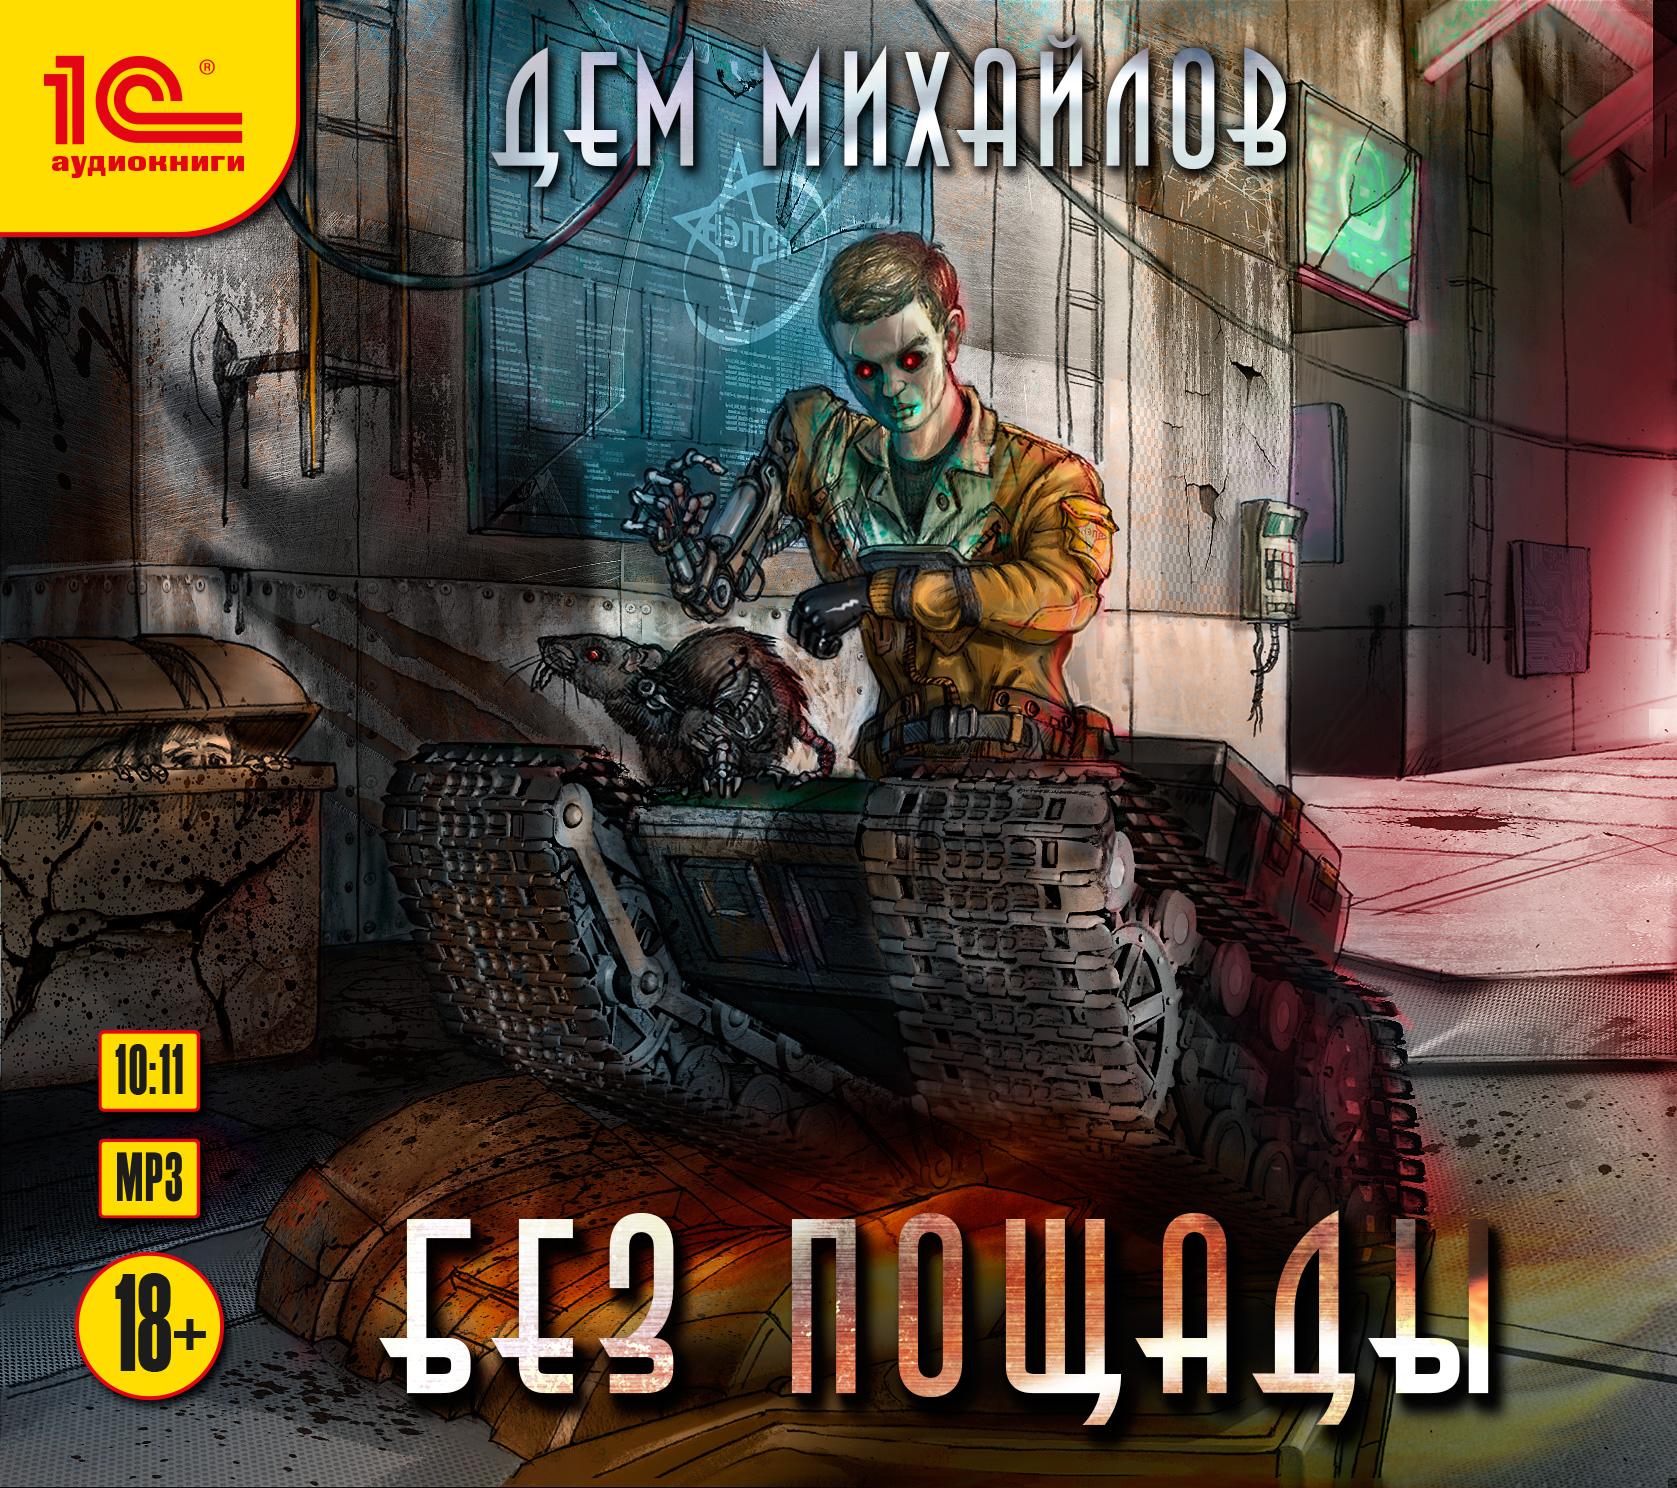 Дем Михайлов Без пощады дем михайлов темнотропье